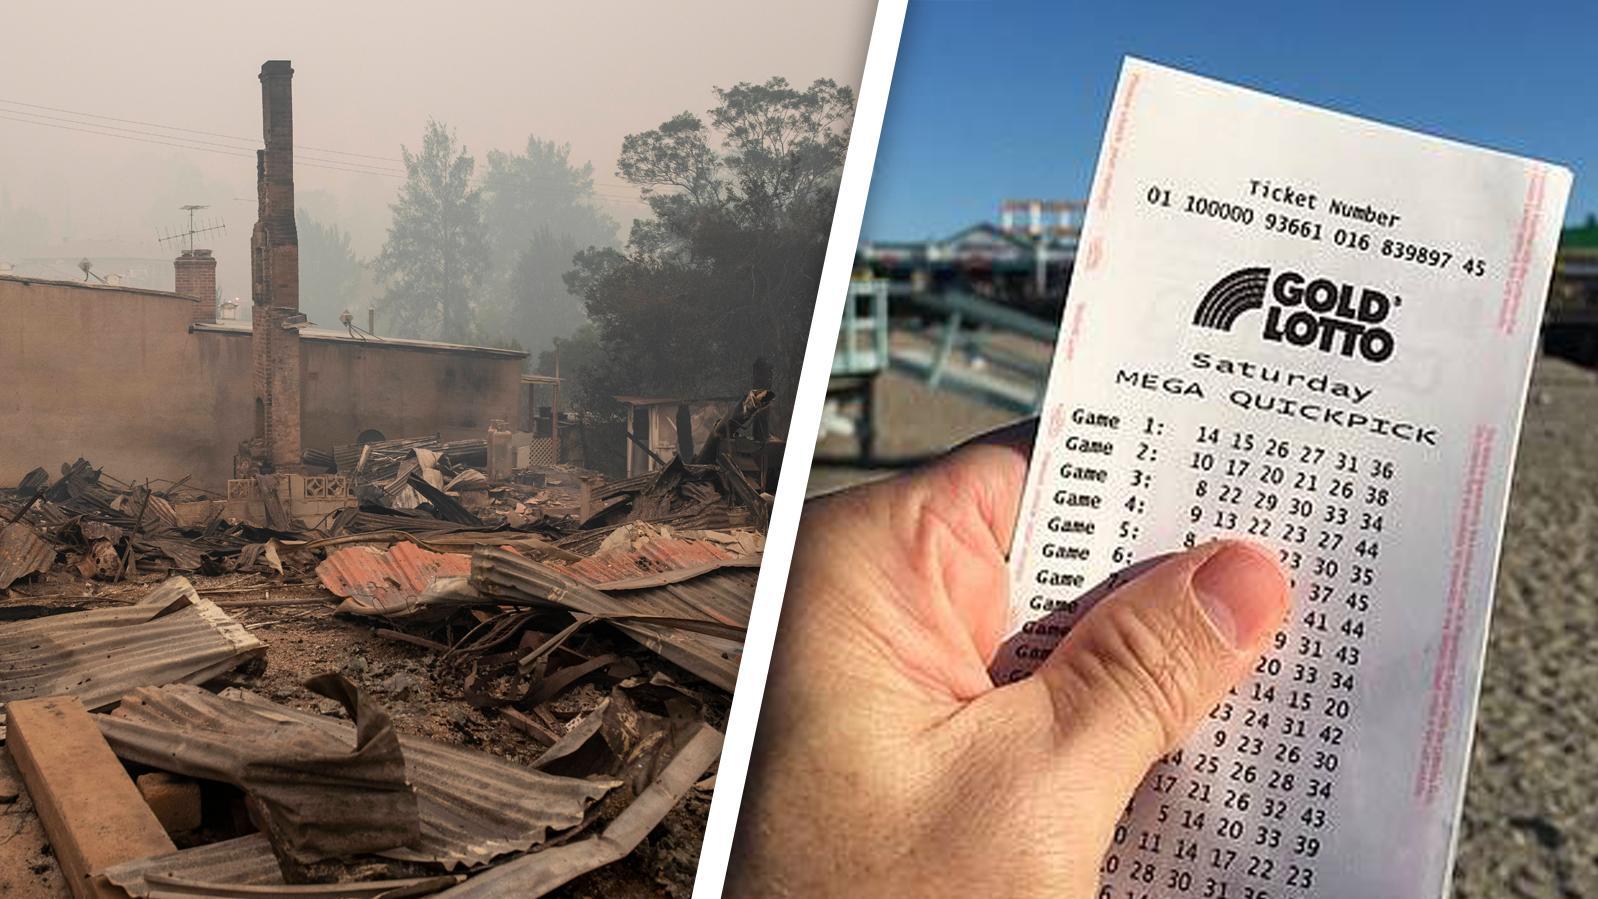 Wie dieses Haus brannte das Zuhause eines Australiers komplett ab - doch ein Lottoschein änderte alles.